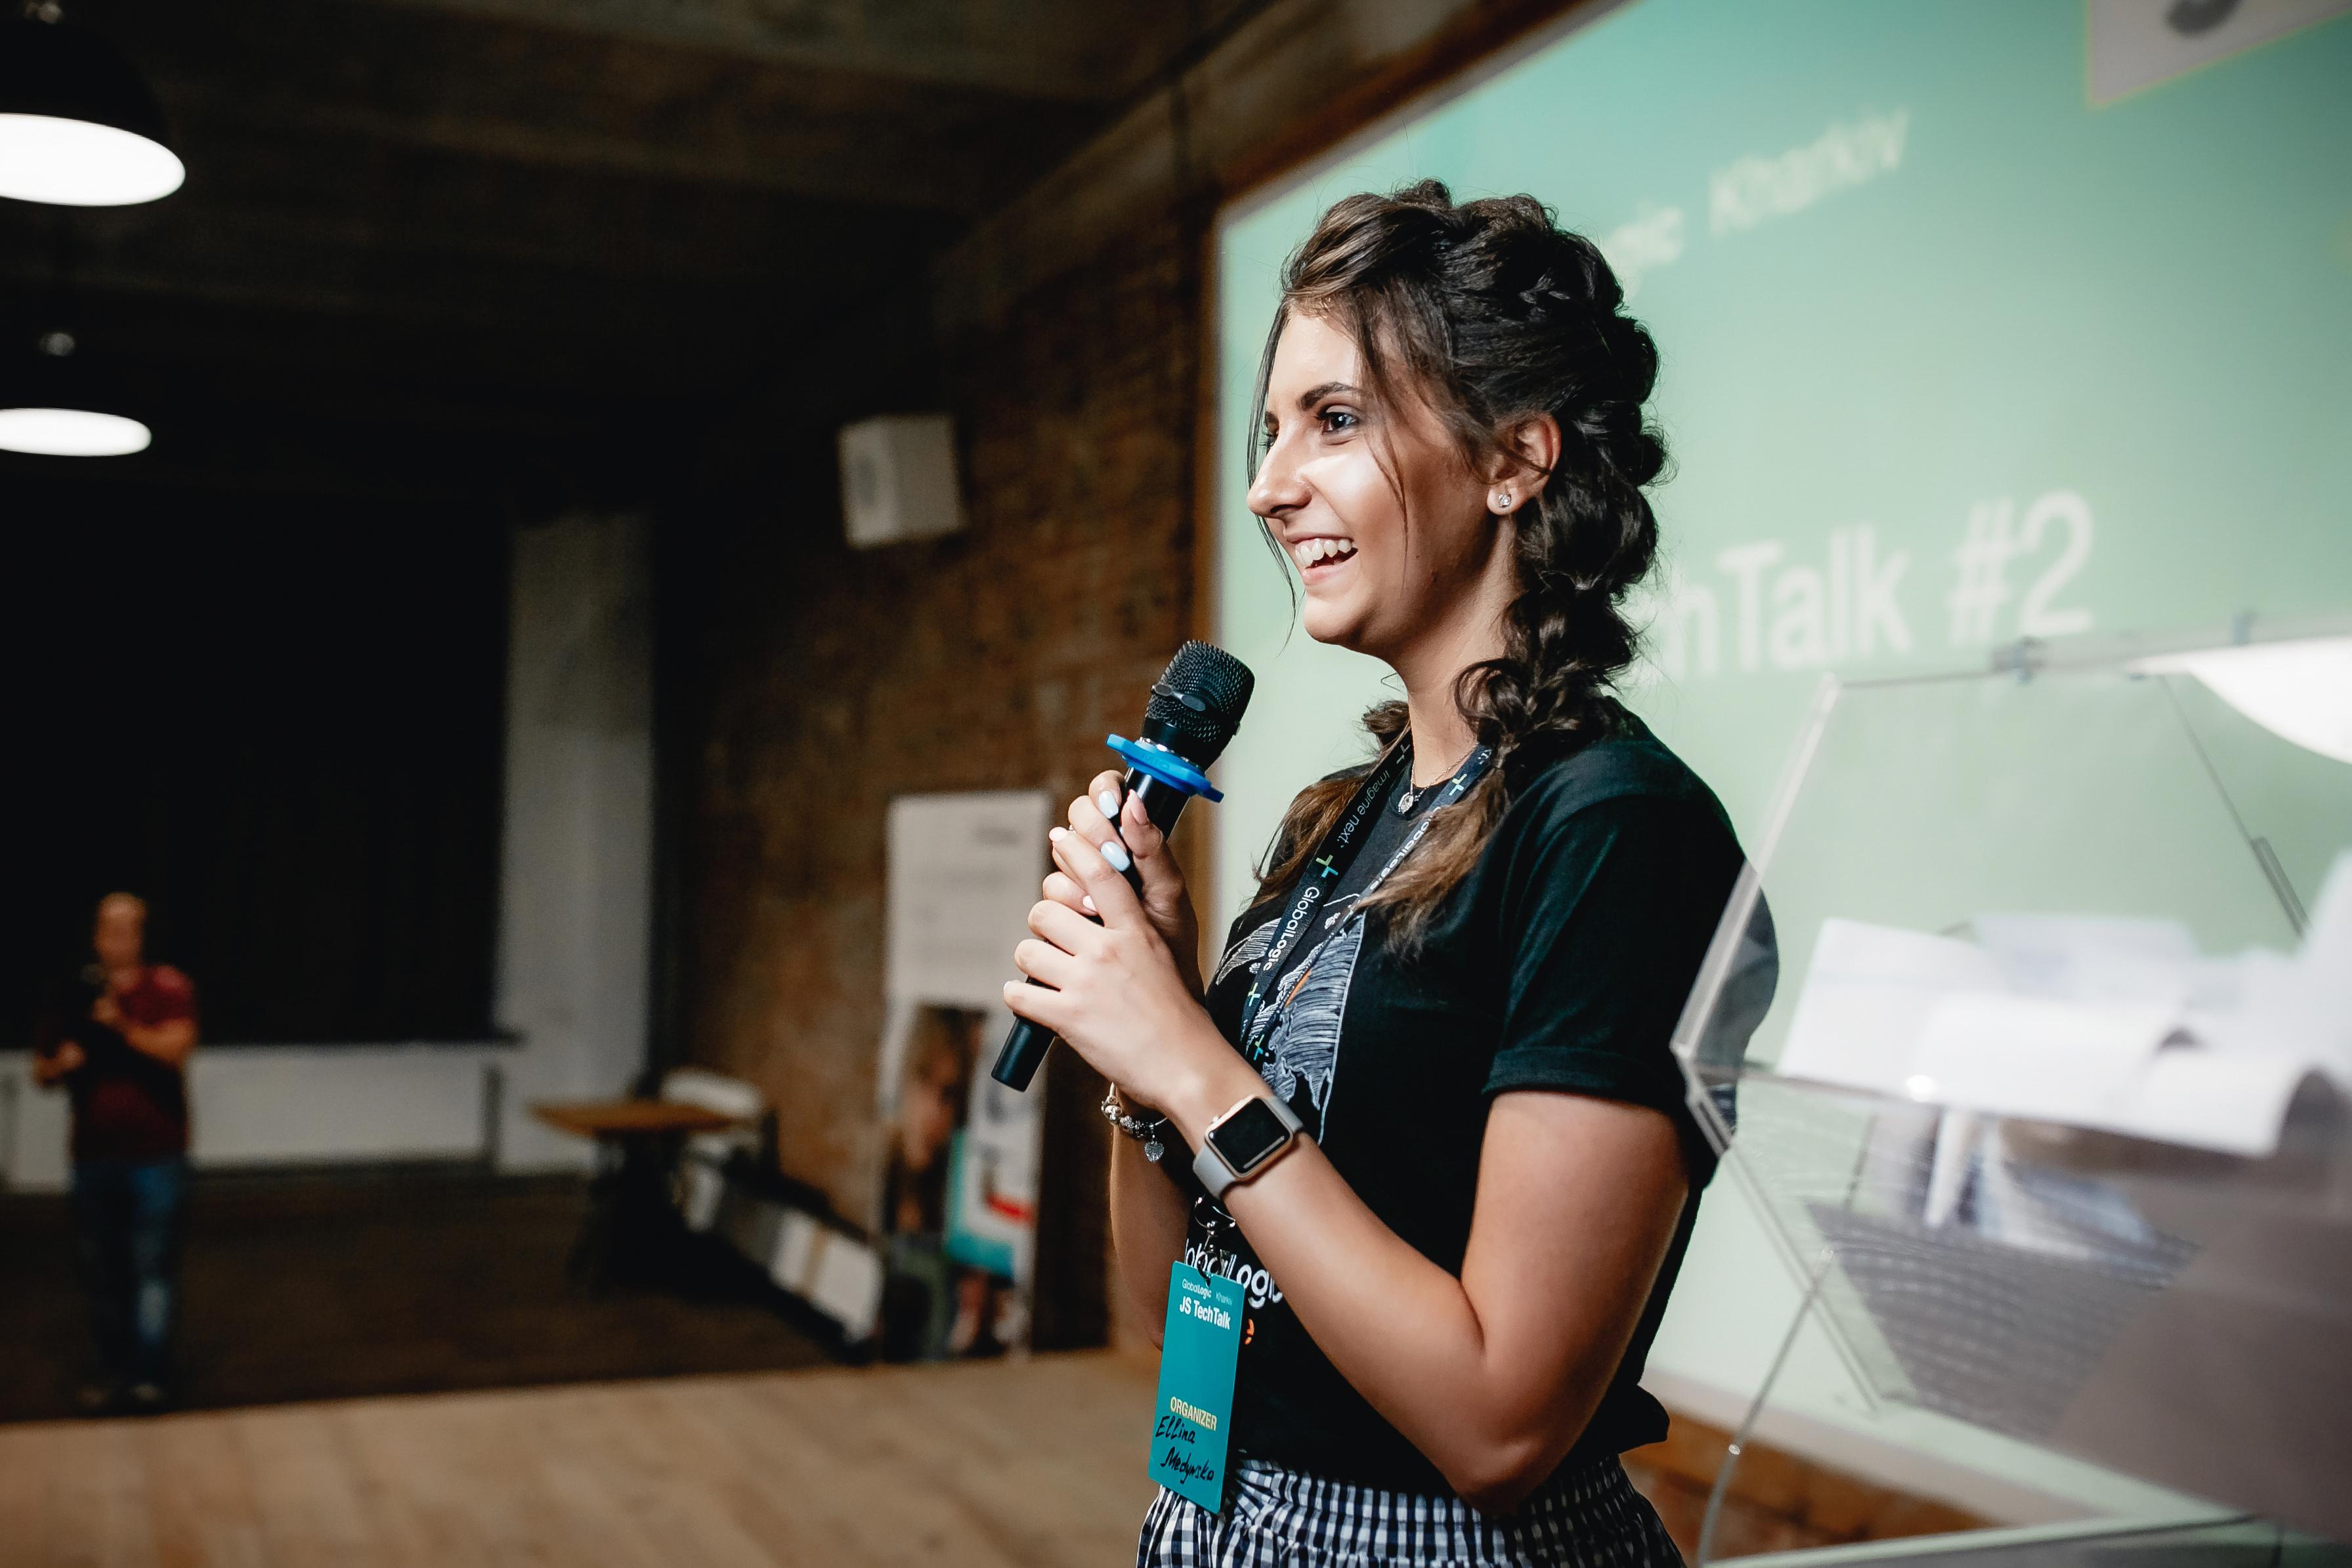 Эллина Медынская. PR & Marketing Consultant в харьковском офисе GlobalLogic